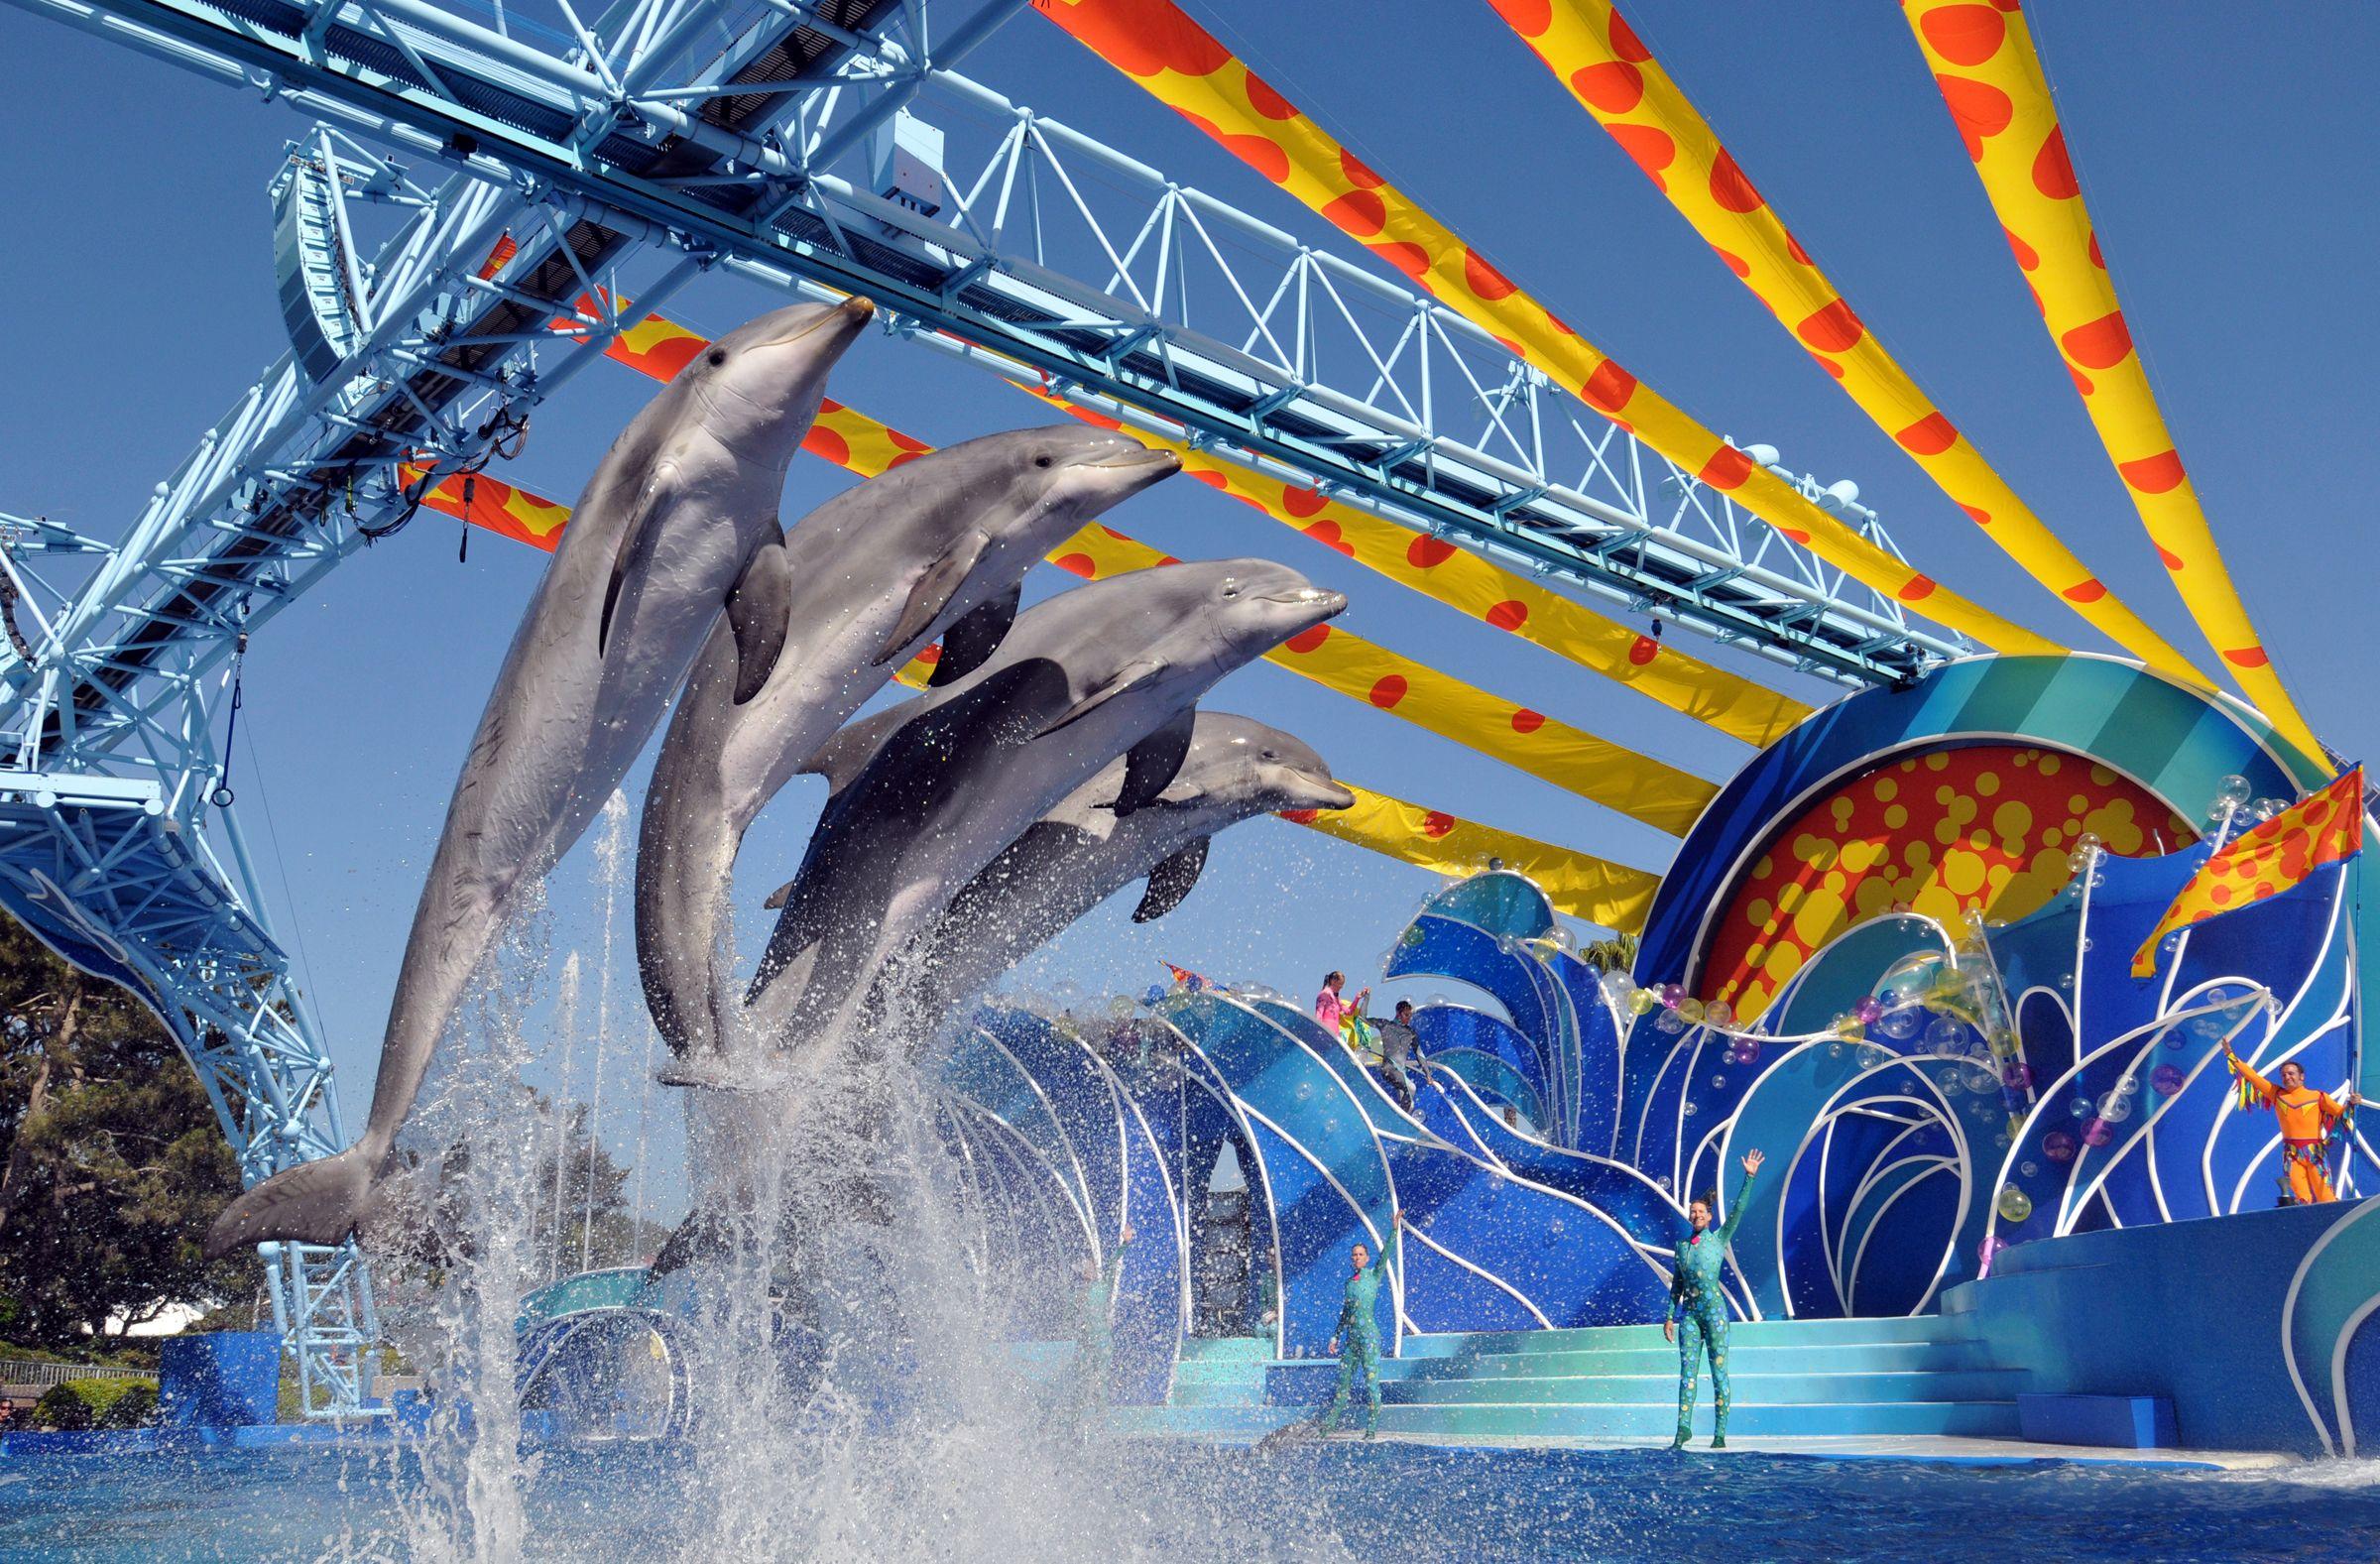 Media Room Images Seaworld San Diego Seaworld San Diego Sea World San Diego San Diego Attractions